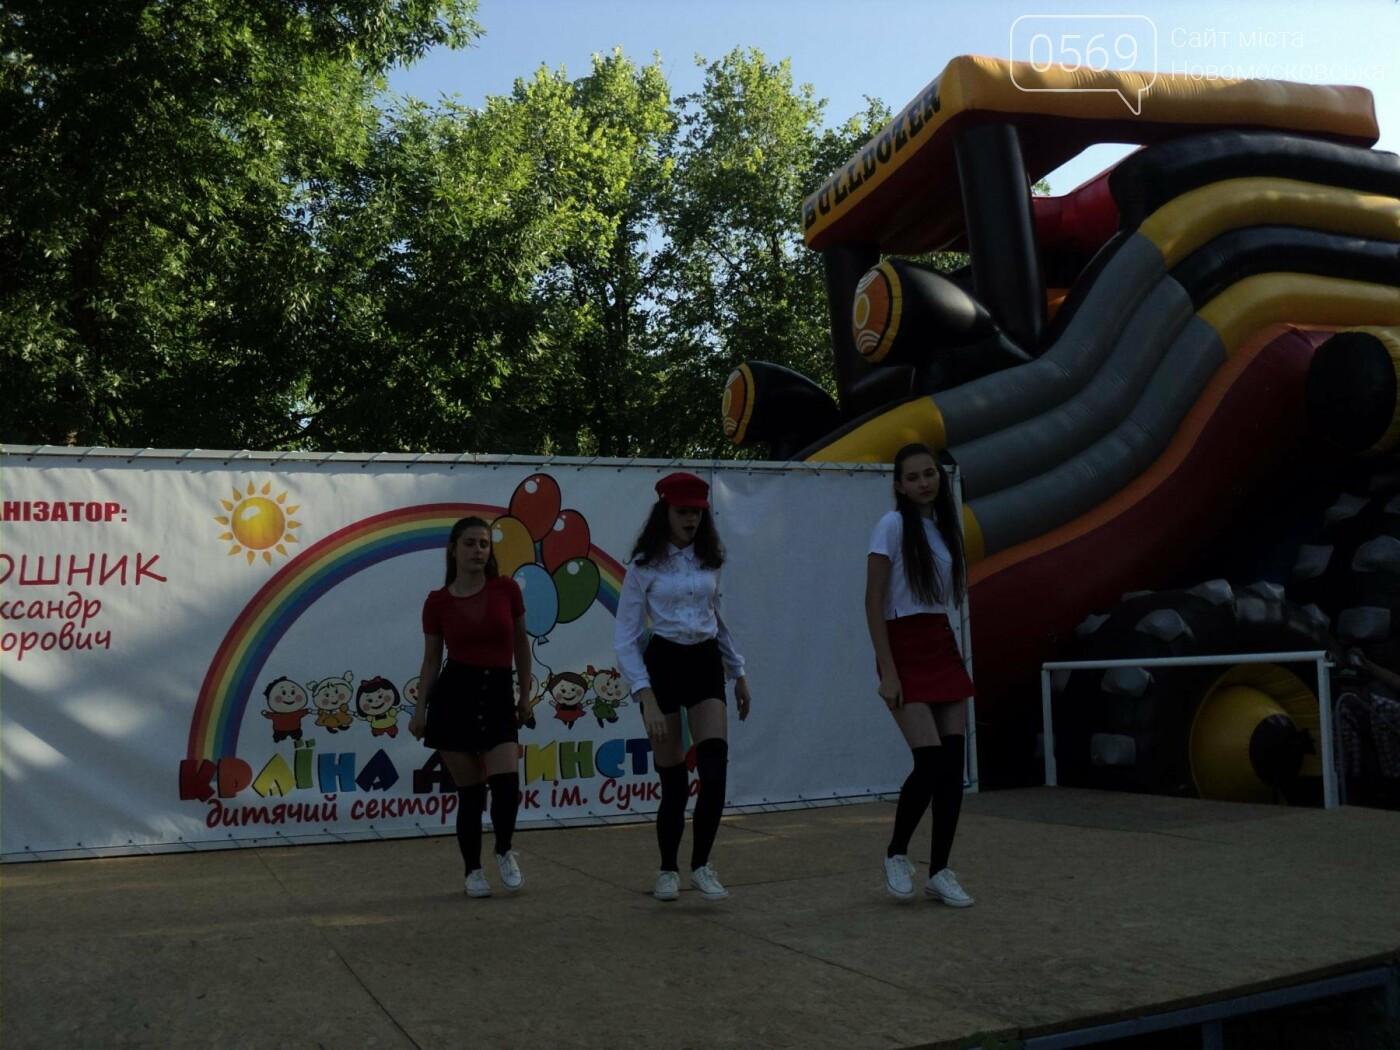 Юні артисти Новомосковська влаштували яскравий концерт до Міжнародного дня захисту дітей, фото-3